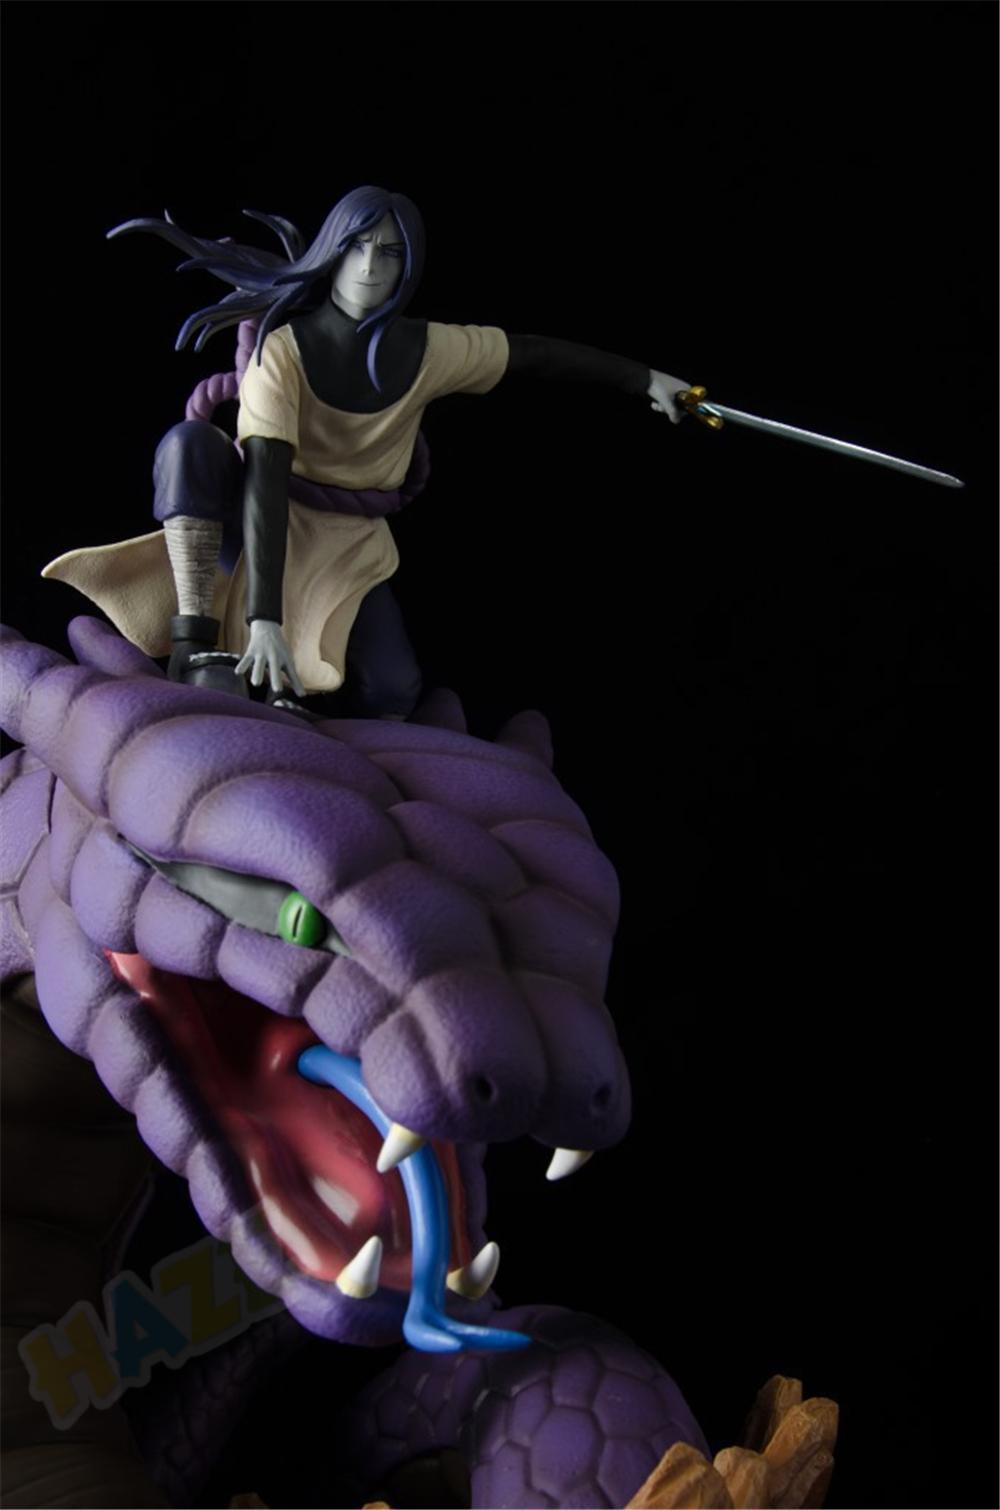 STR Naruto Orochimaru Resin Figure Statue GK Model Figurine Collectibles New